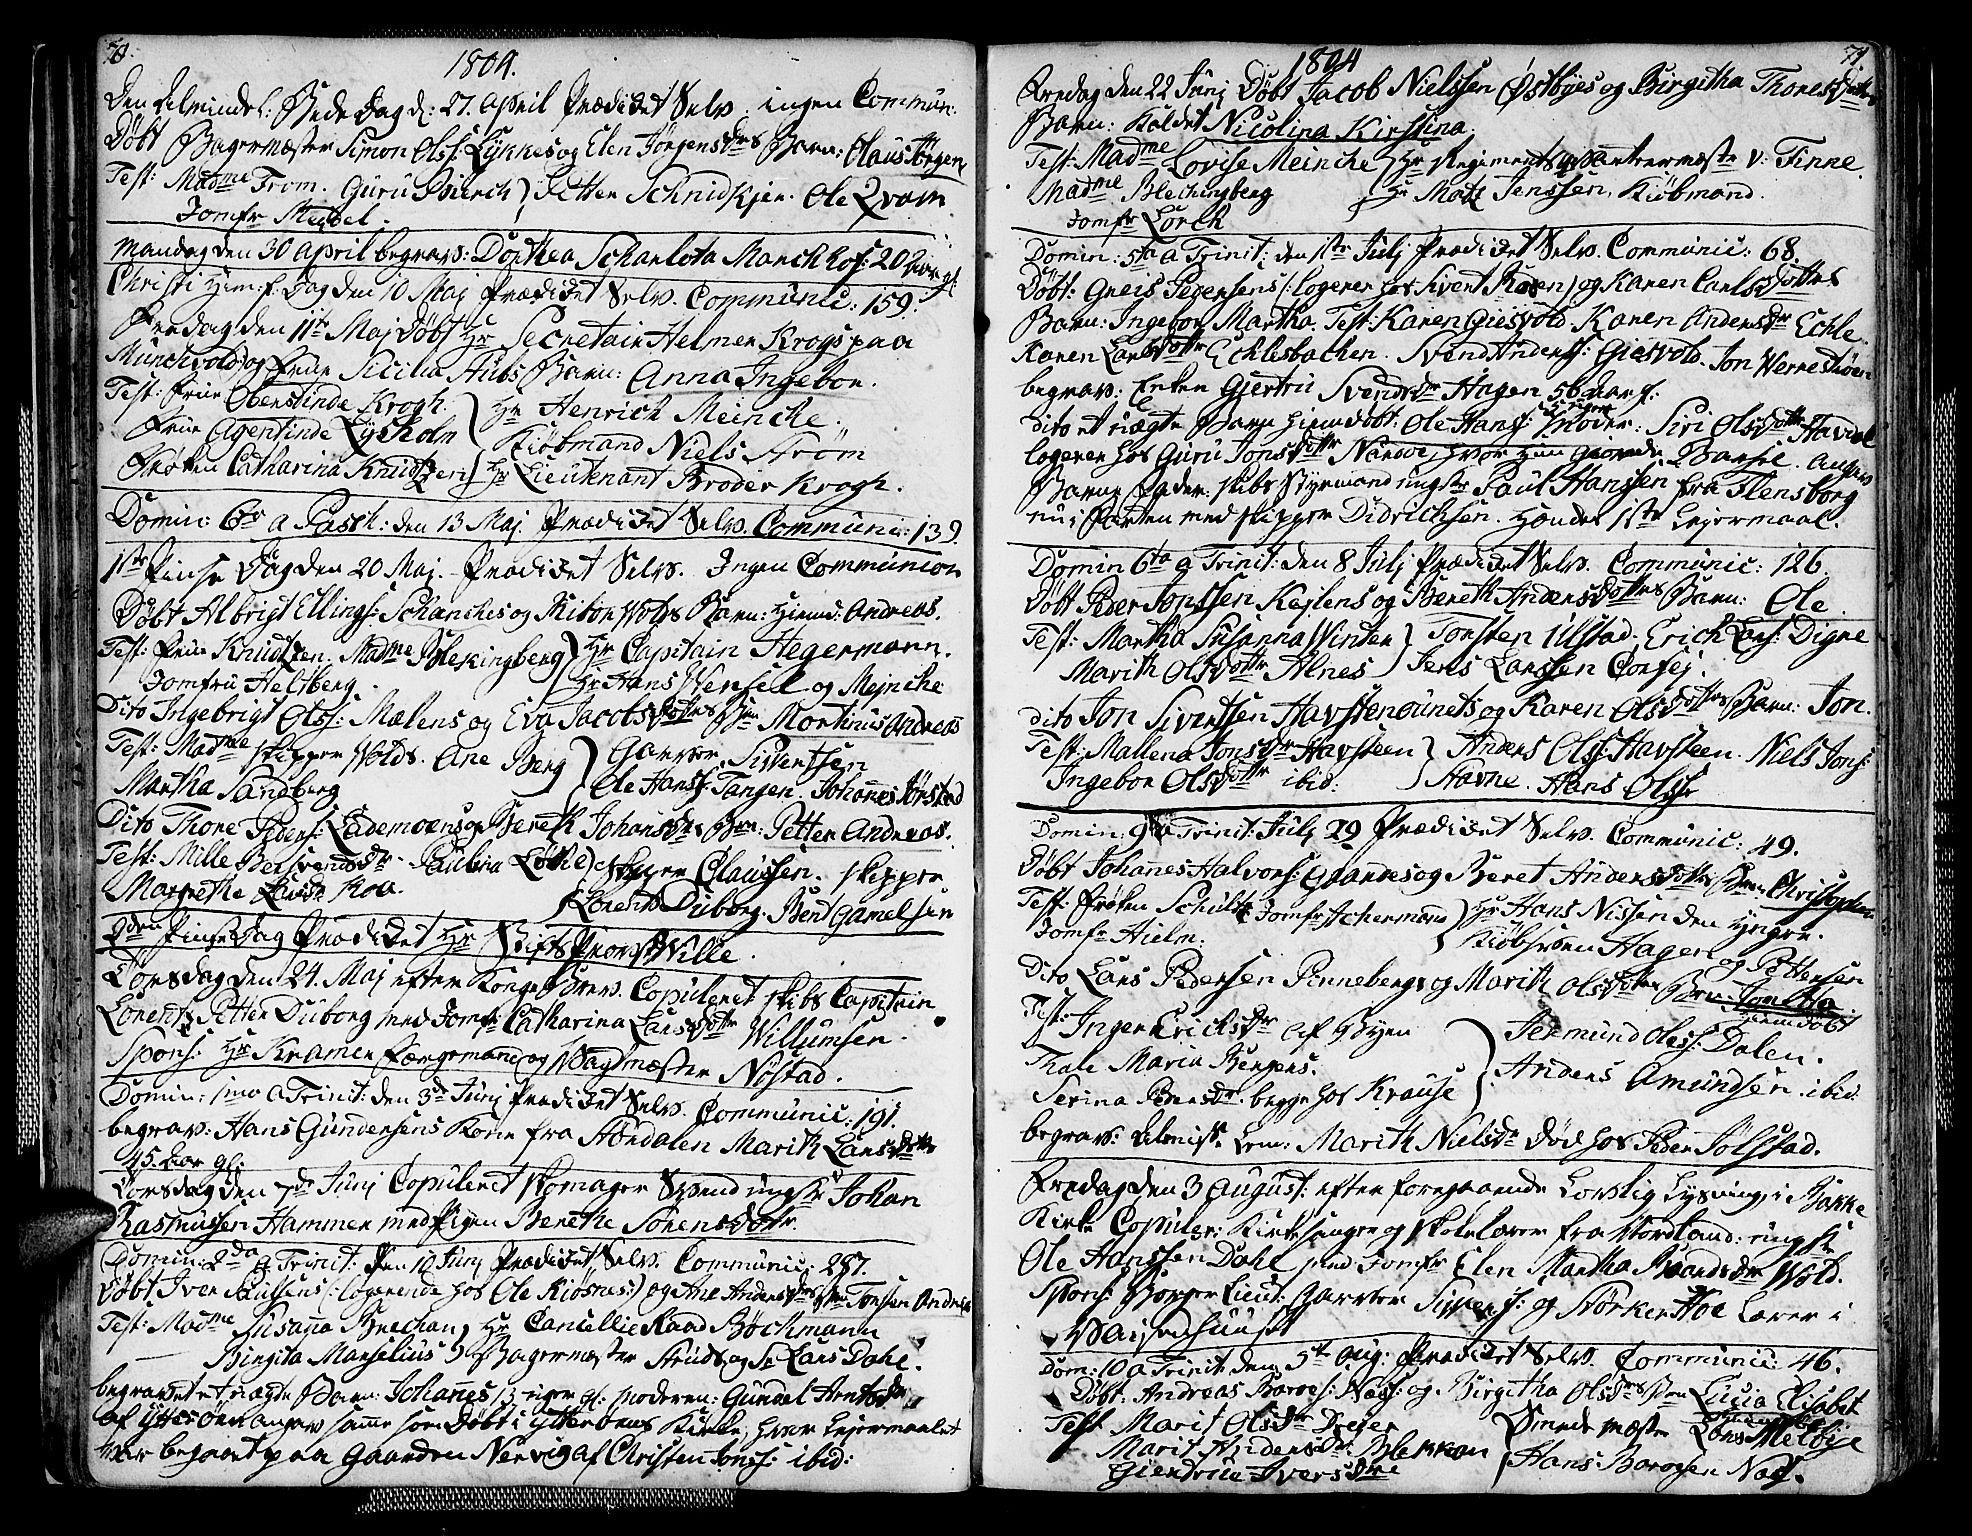 SAT, Ministerialprotokoller, klokkerbøker og fødselsregistre - Sør-Trøndelag, 604/L0181: Ministerialbok nr. 604A02, 1798-1817, s. 70-71